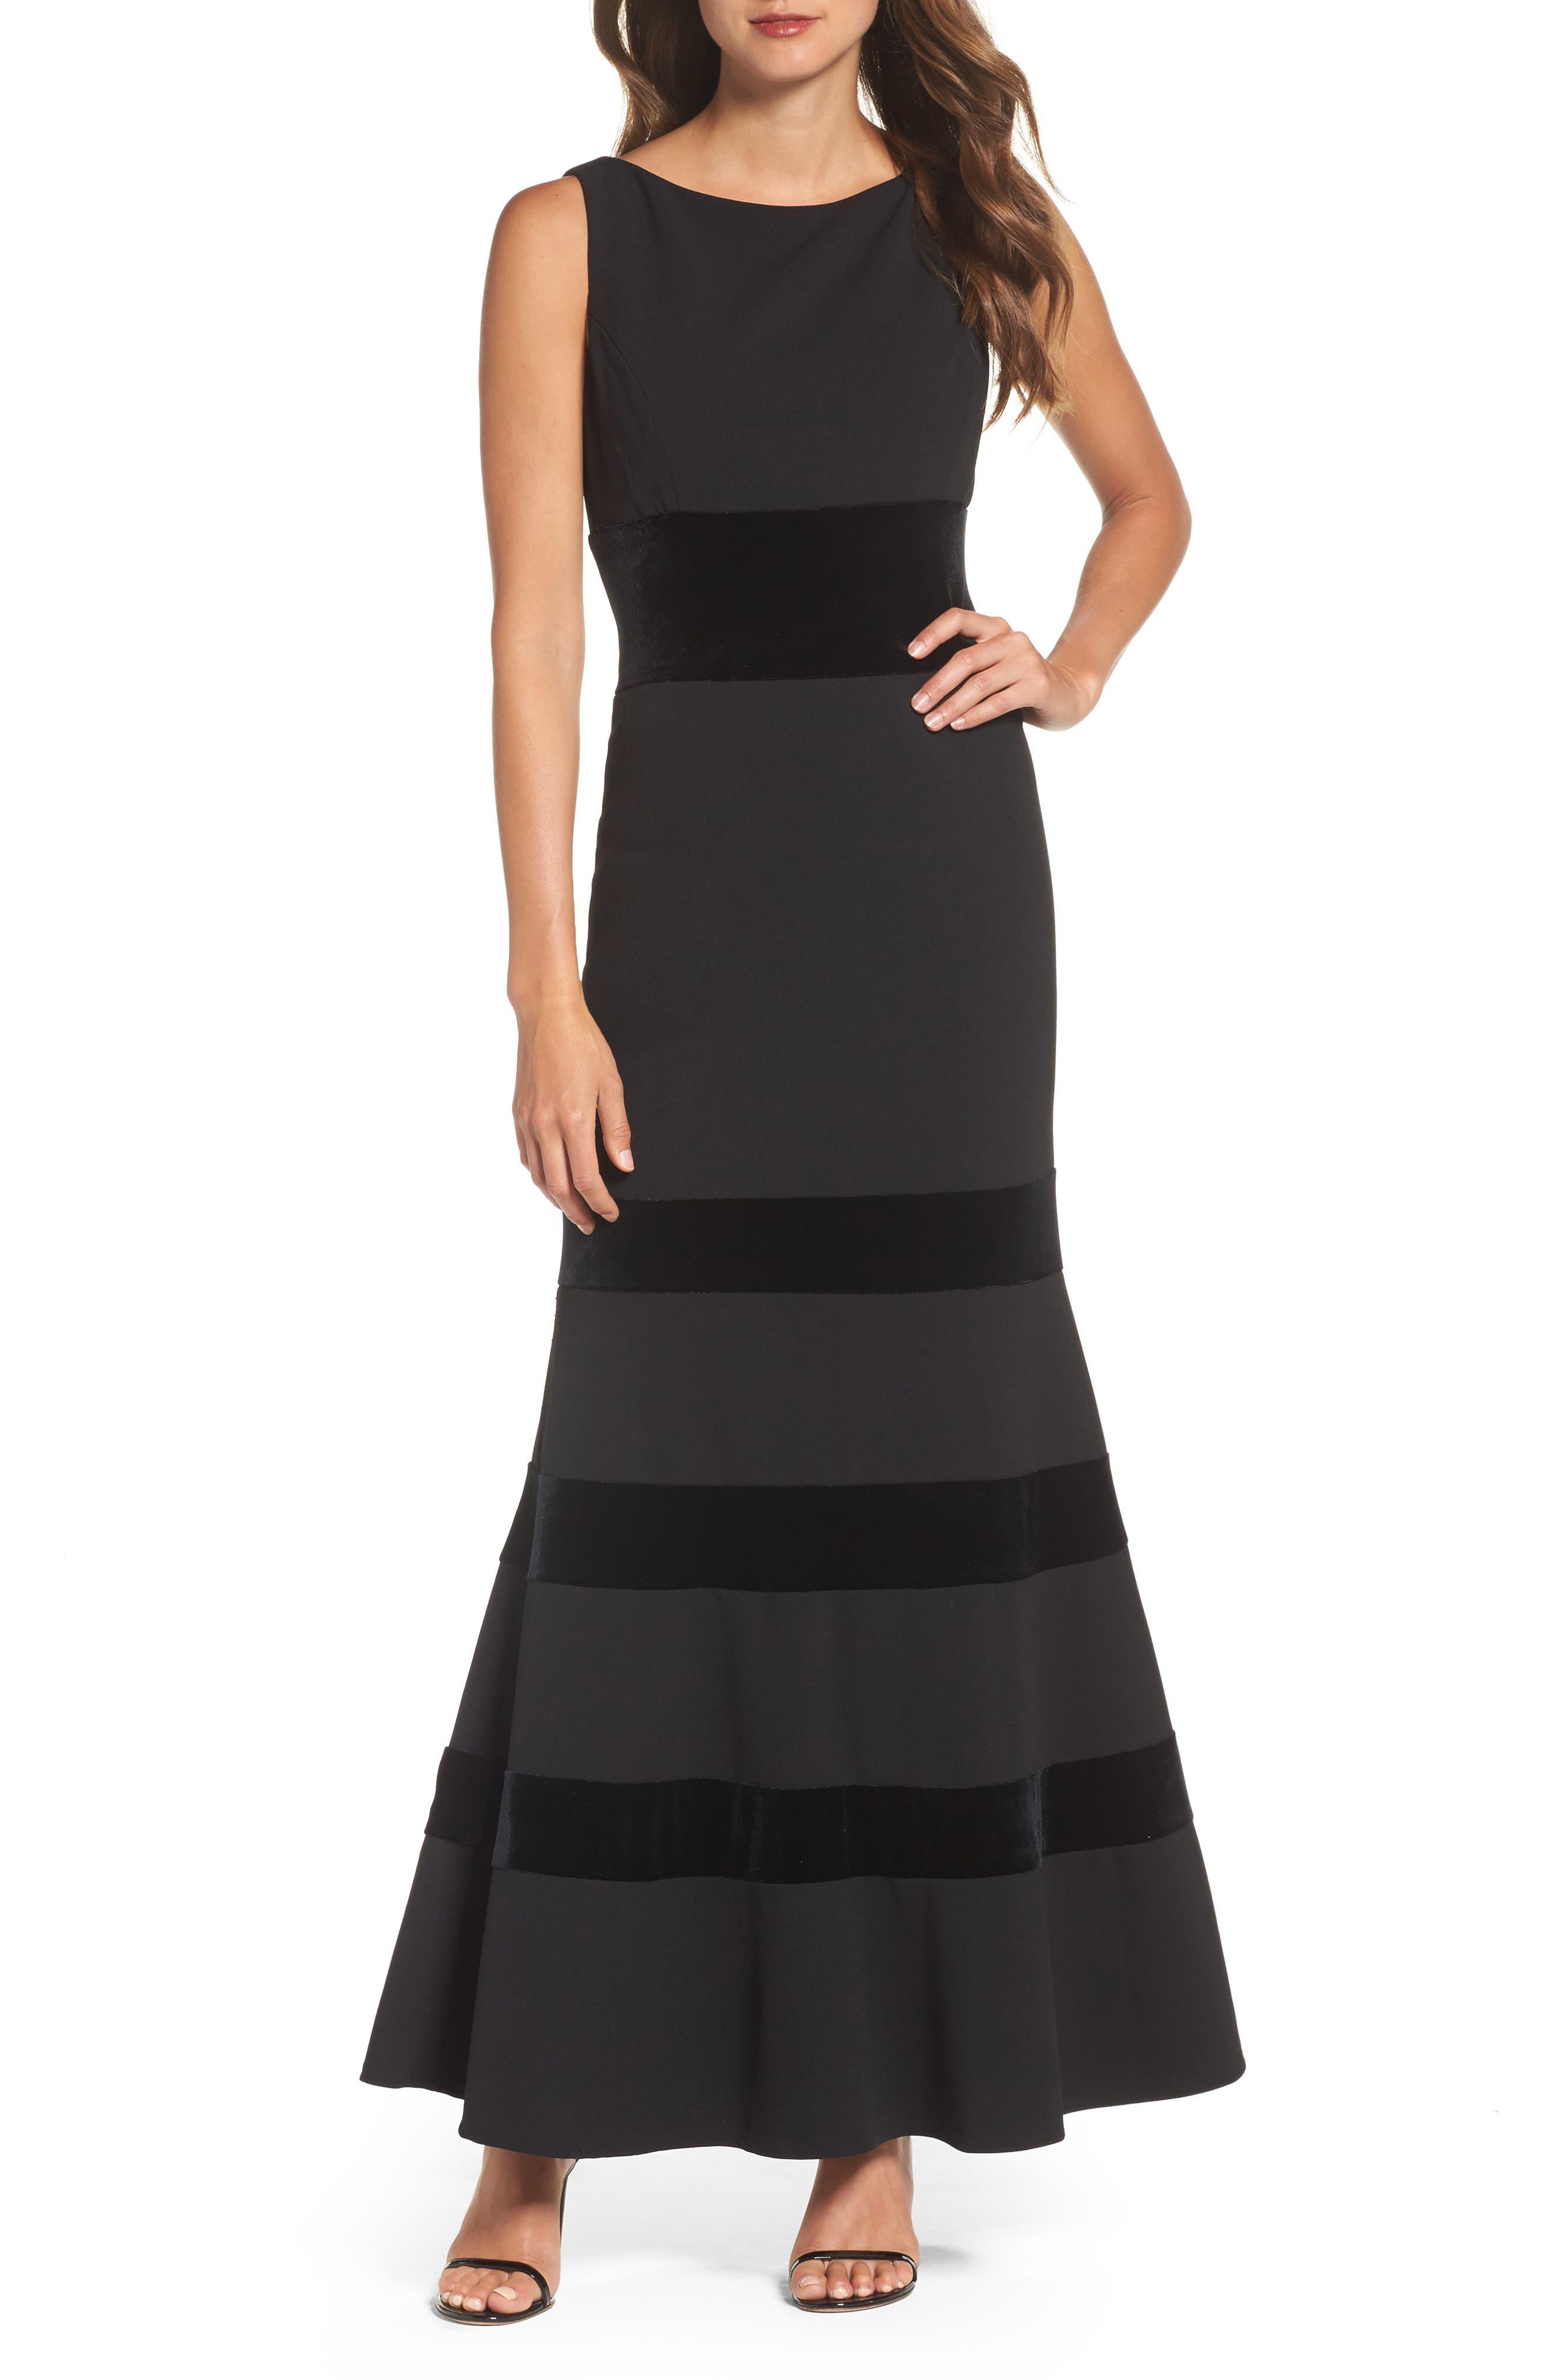 Elegant Black Dresses for Women Tank Top